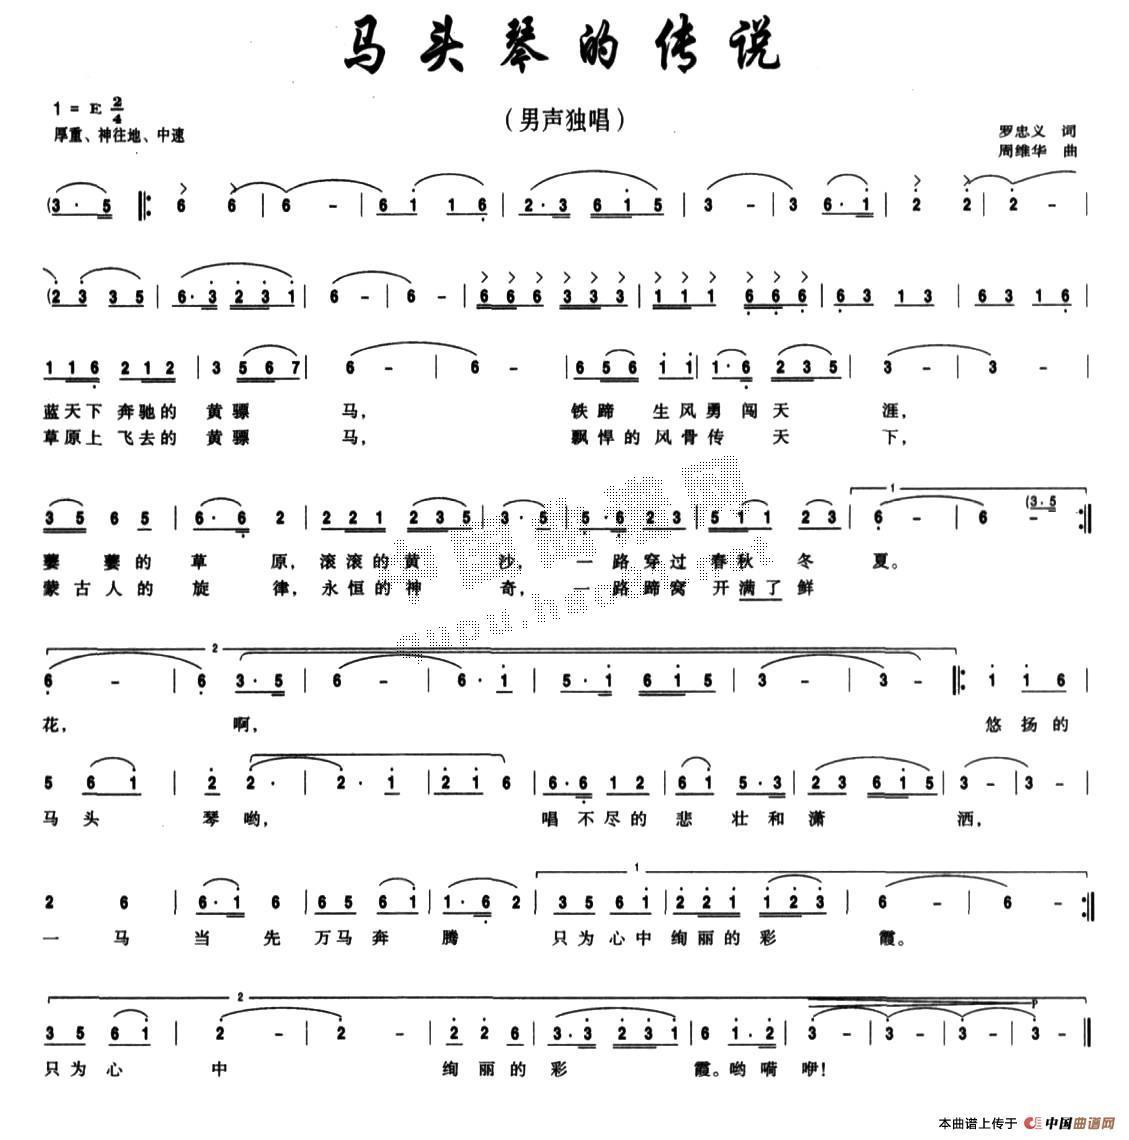 民歌曲谱 马头琴的传说民歌曲谱 马头琴的传说下载简谱